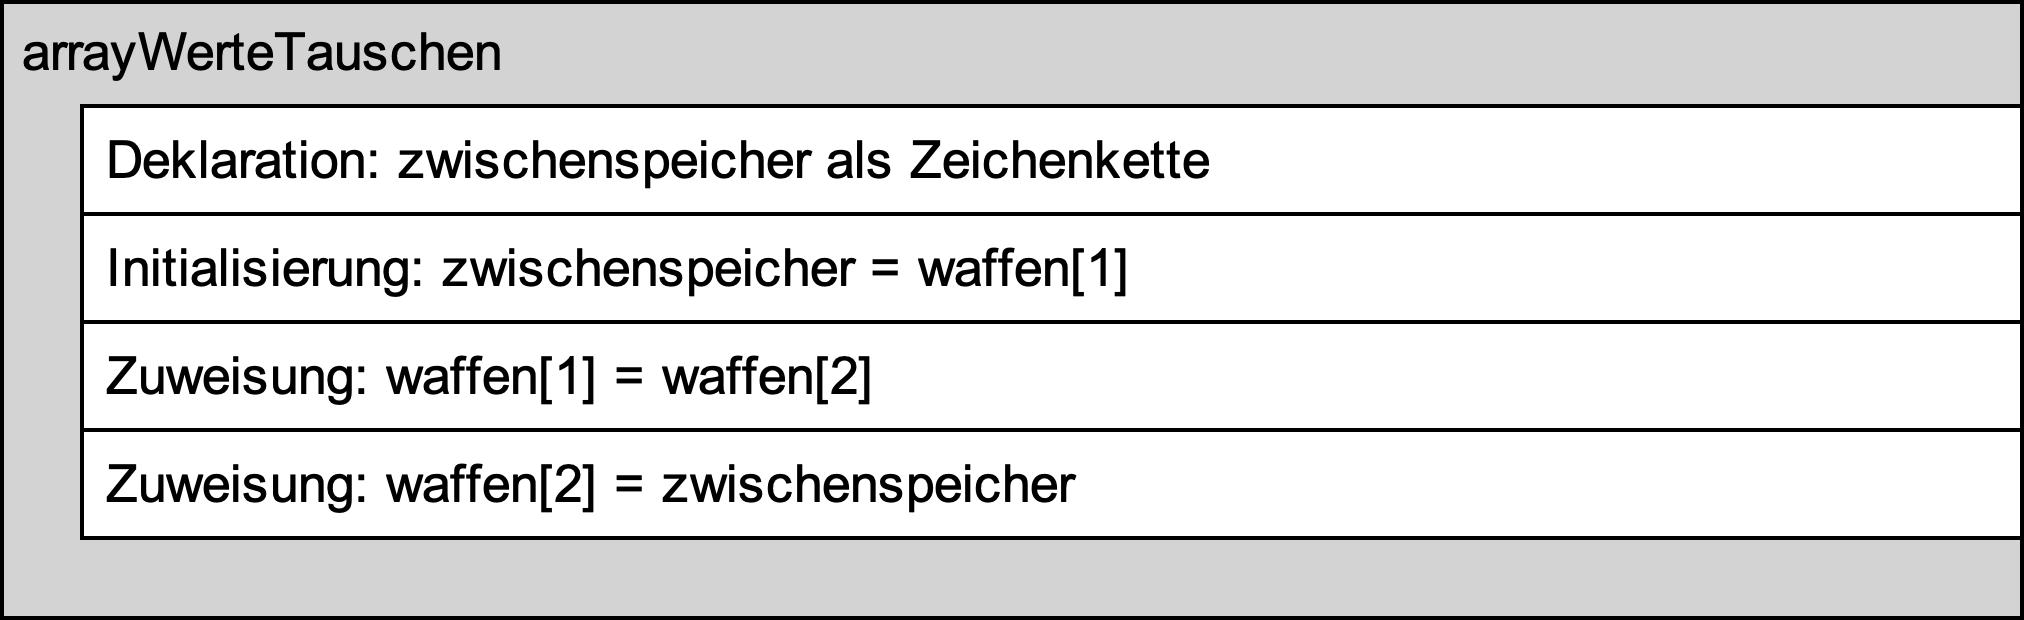 Struktogramm zum Dreieckstausch - ausgiebige Version